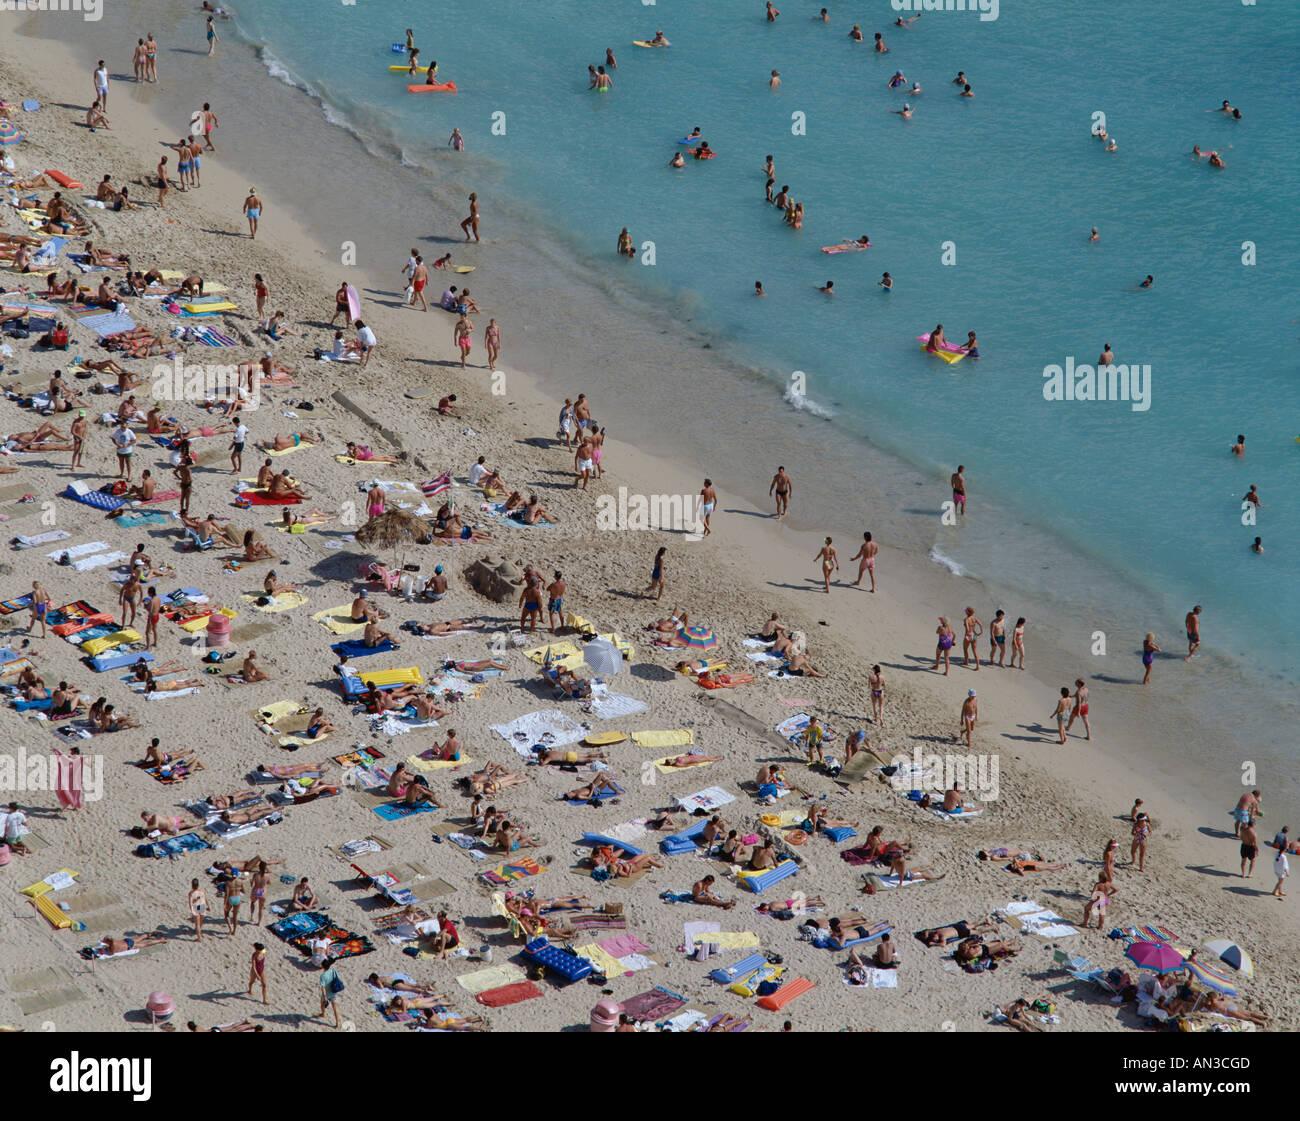 Waikiki Beach / Crowds on Beach / Aerial, Honolulu, Hawaii / Oahu, USA - Stock Image